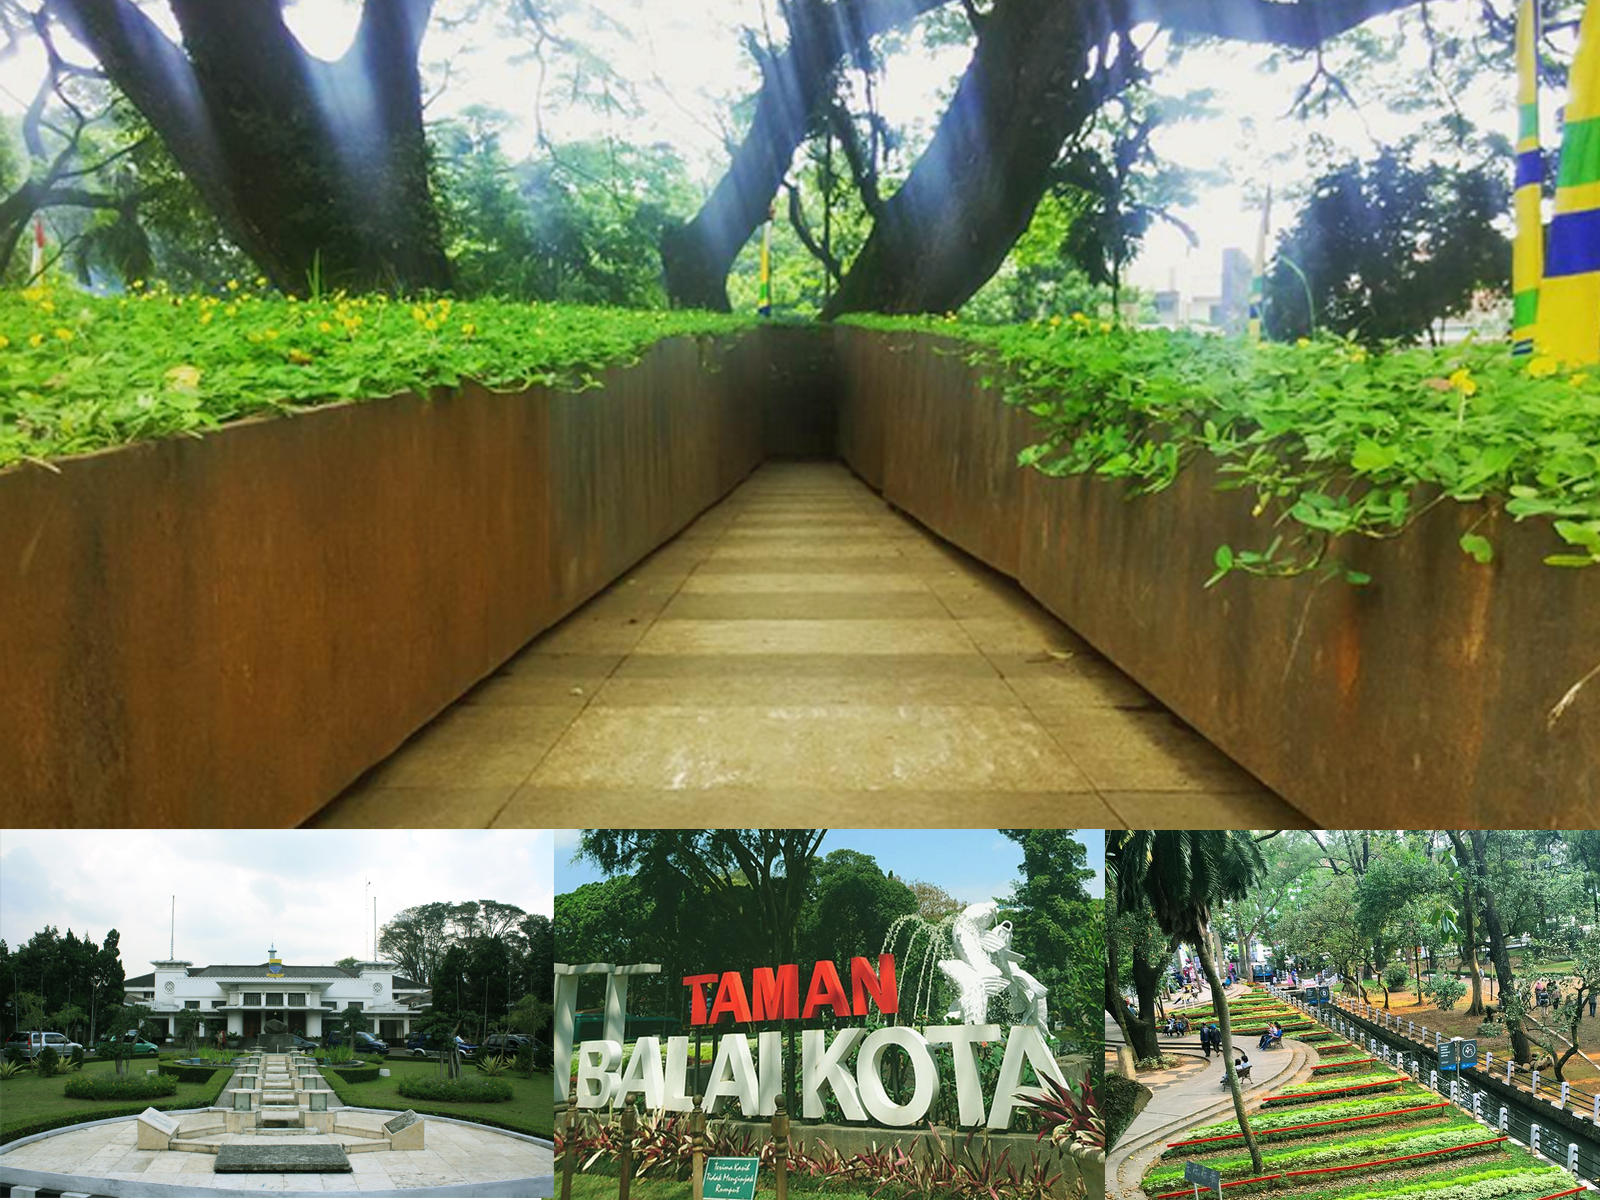 Area Balai Kota Bandung Tempat Nongkrong Dan Foto Selfie Wisata